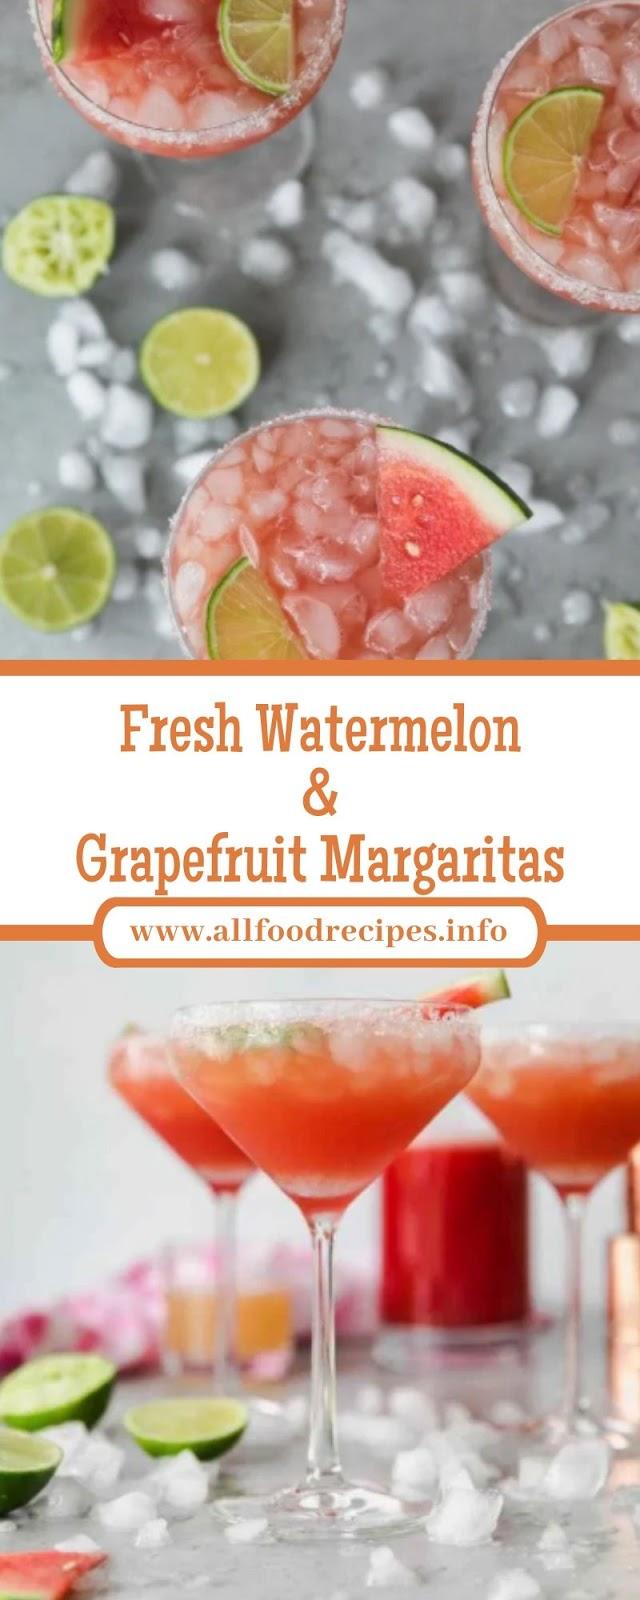 Fresh Watermelon & Grapefruit Margaritas